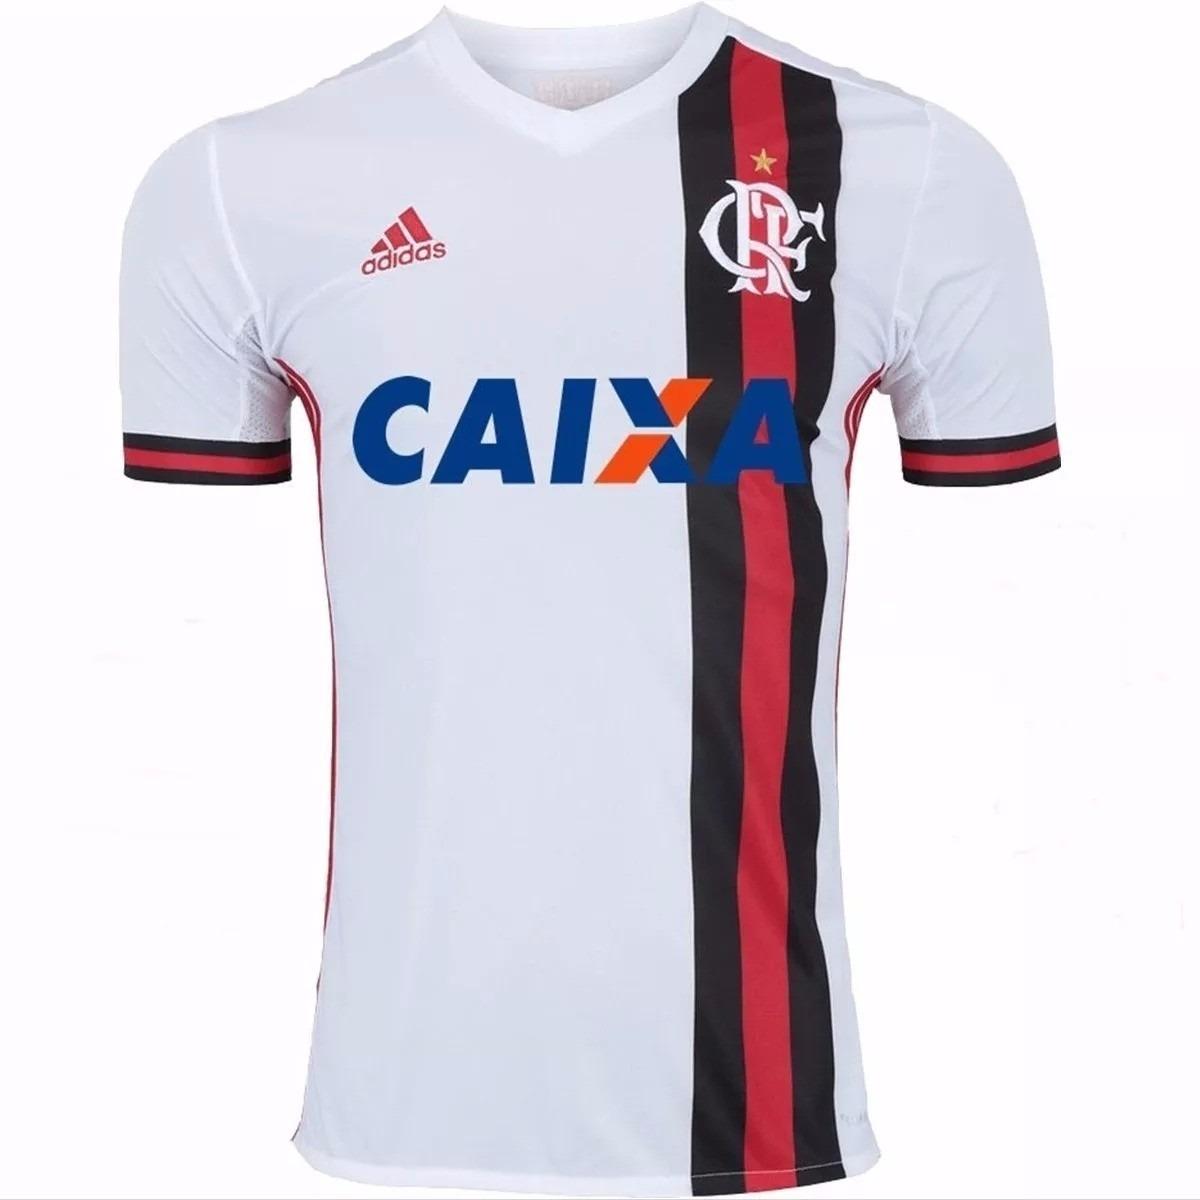 coleção 2 camisas flamengo support torcedor mega promoção. Carregando zoom. 0bdd1fb0f8375